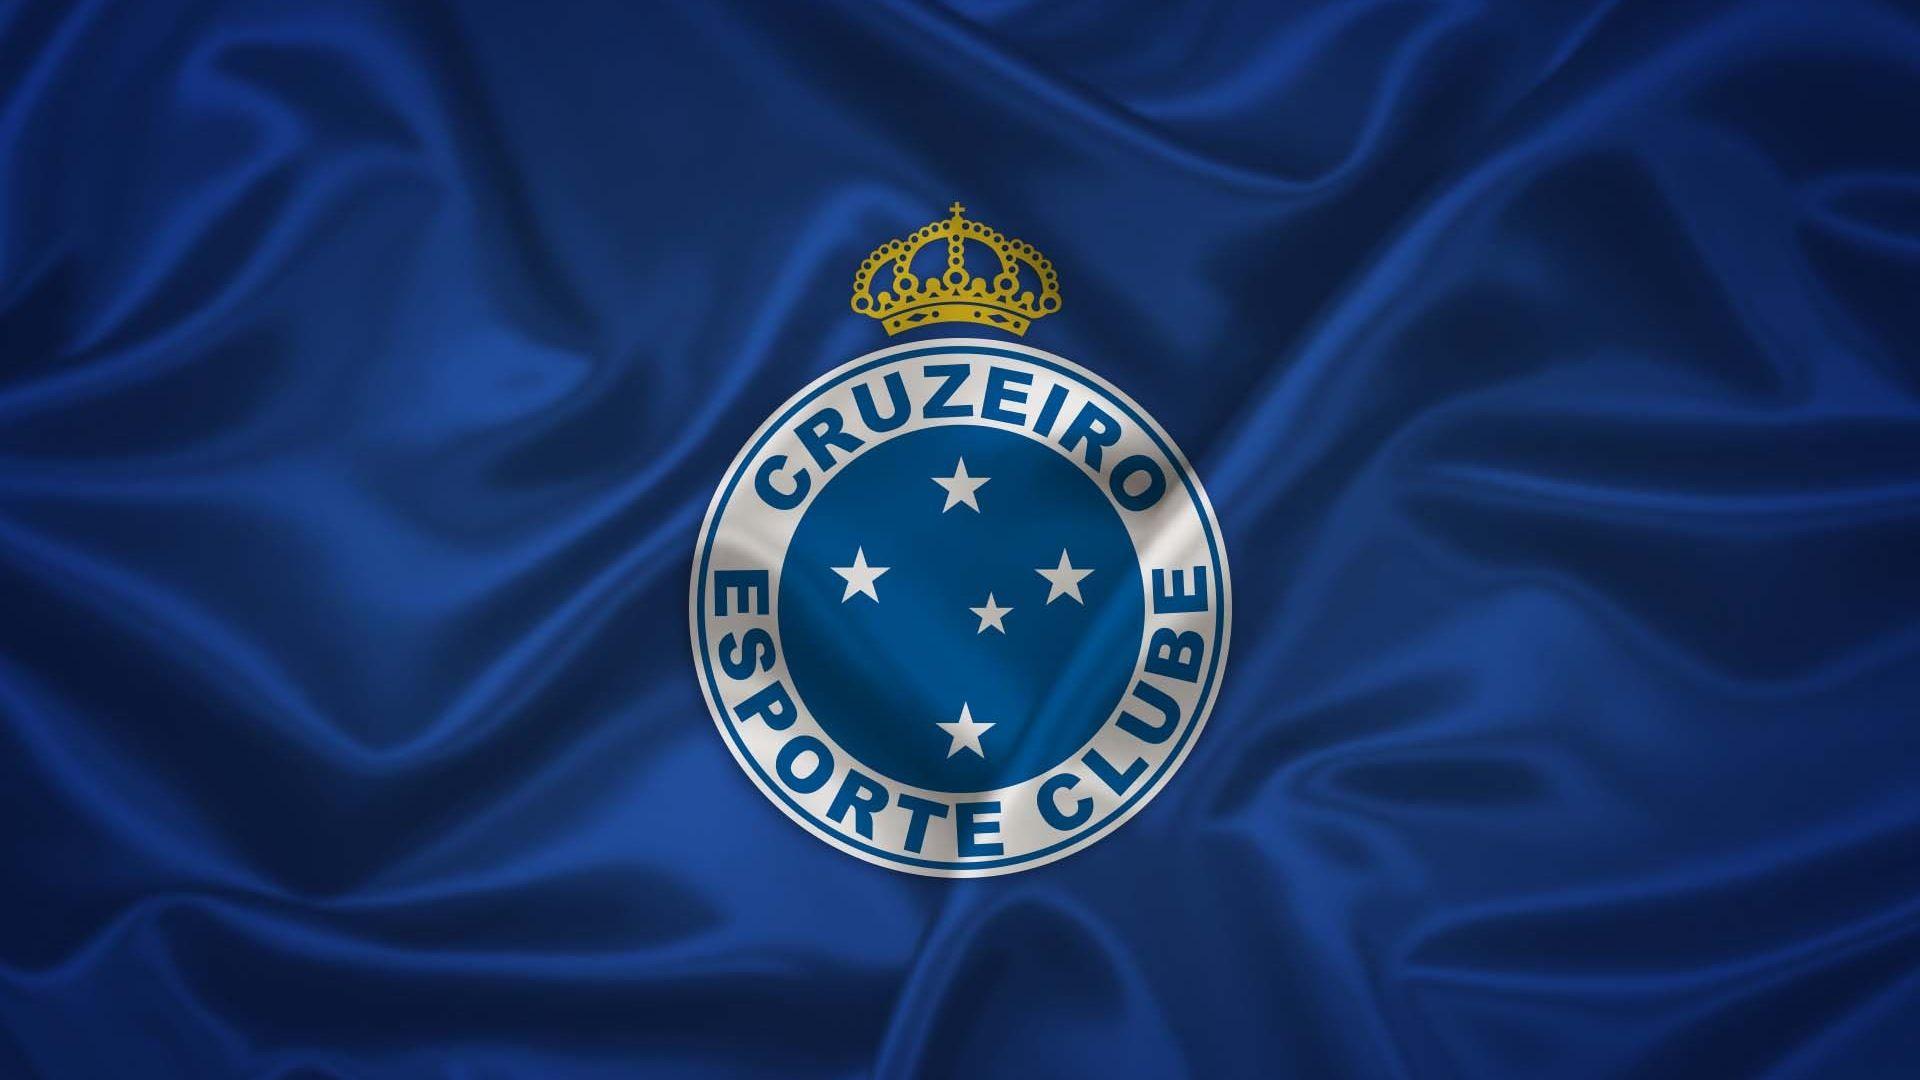 Cruzeiro Esporte Clube Football League Logo Wallpaper   Wallpaper 1920x1080